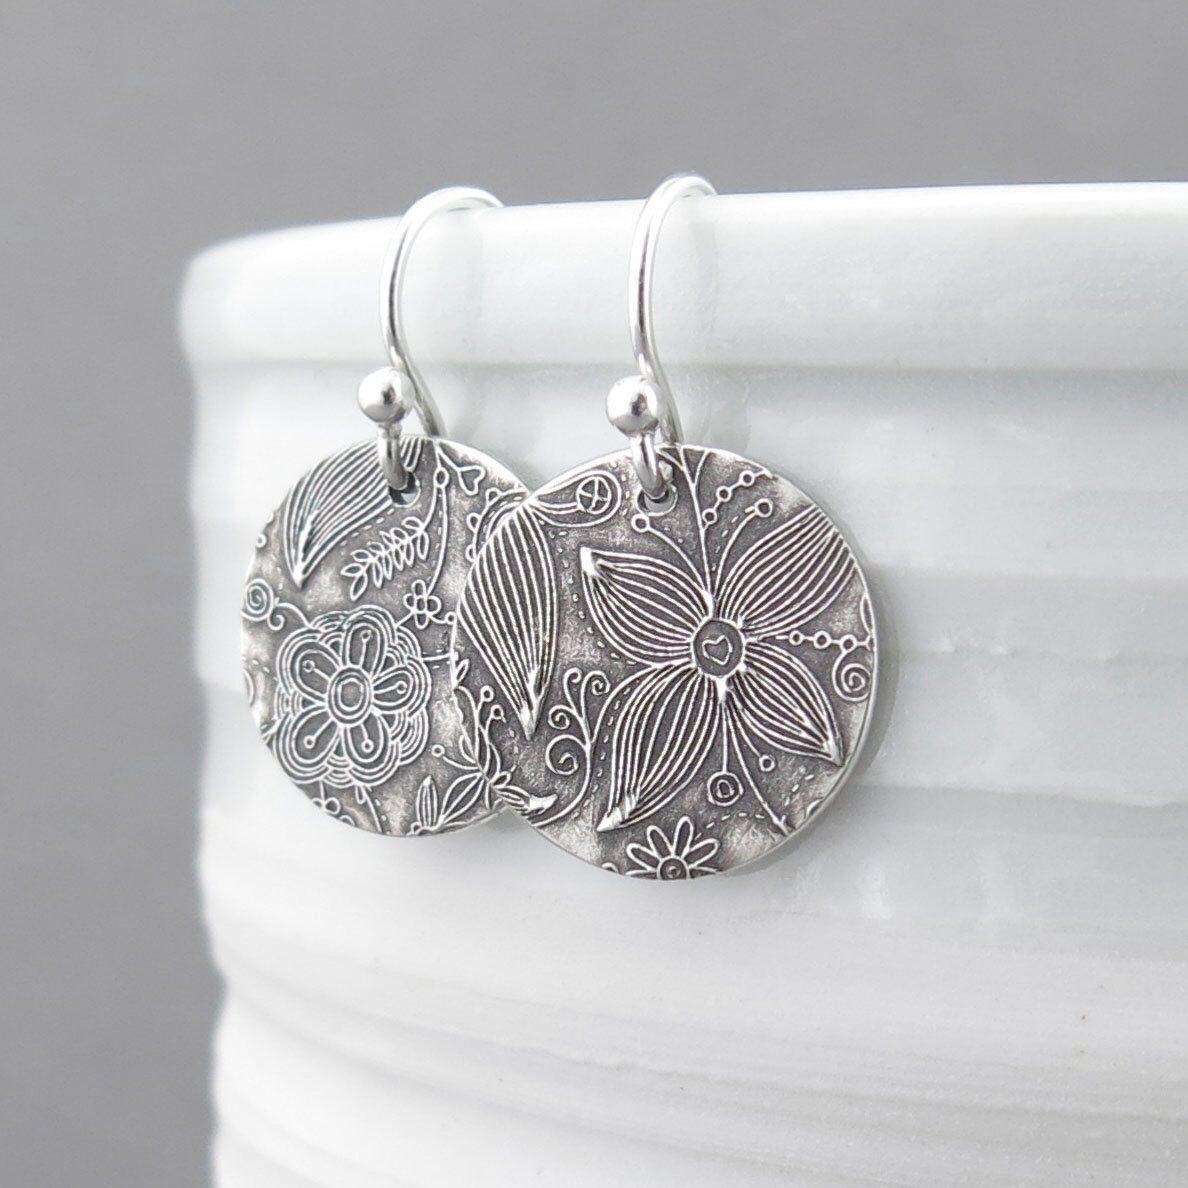 aae3a0939 Small Silver Earrings Sterling Silver Jewelry Silver Dangle Earrings Summer  Outdoors Bohemian Jewelry Rustic Jewelry -